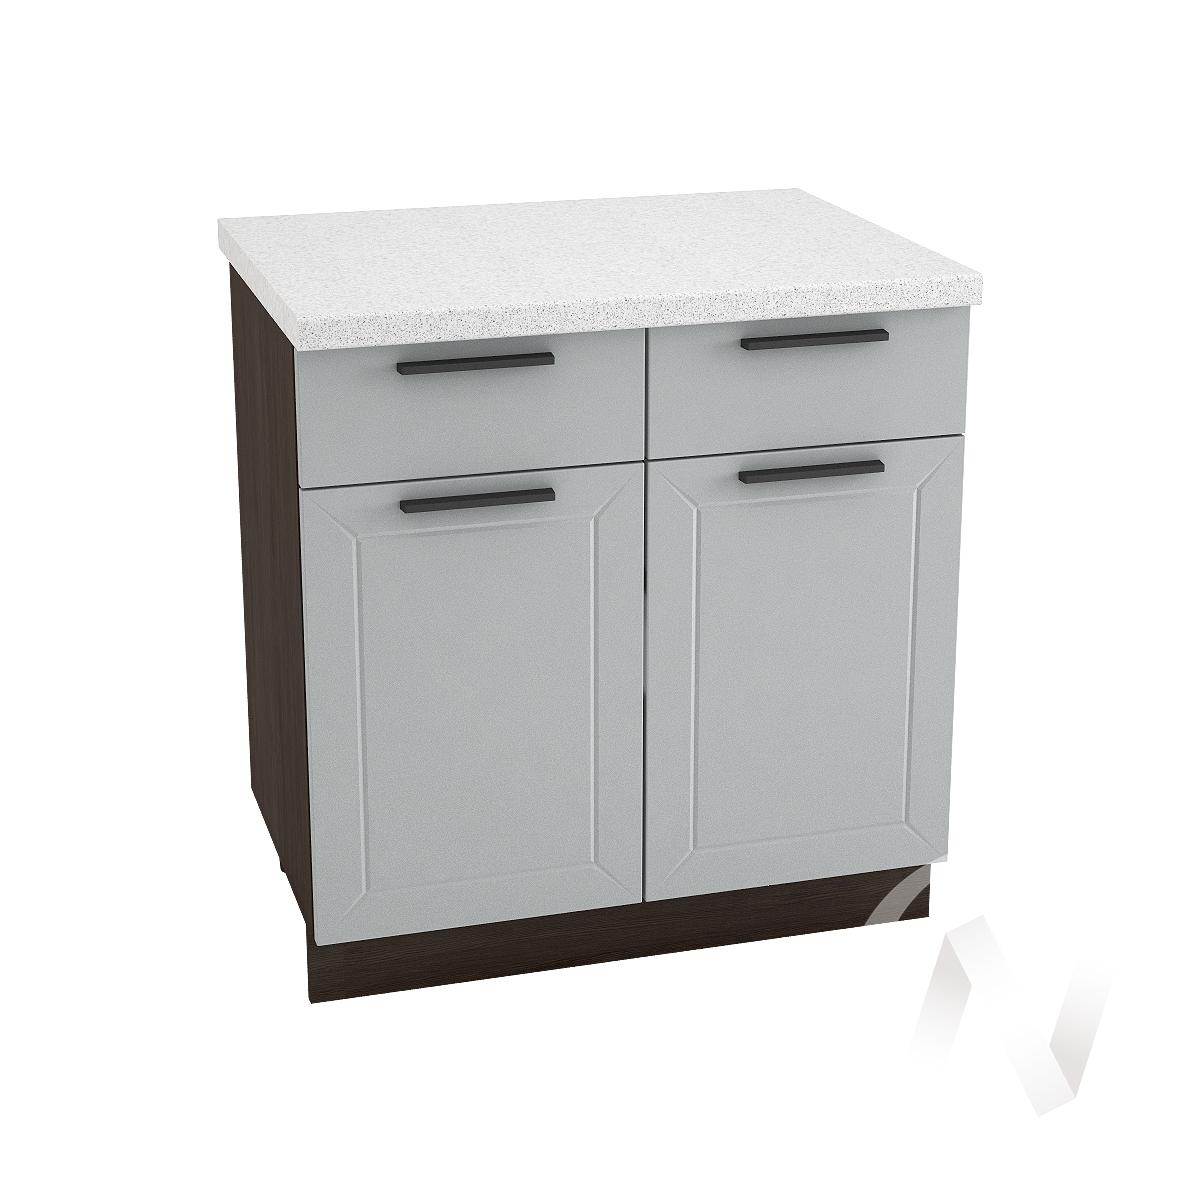 """Кухня """"Глетчер"""": Шкаф нижний с ящиками 800, ШН1Я 800 (Гейнсборо Силк/корпус венге)"""